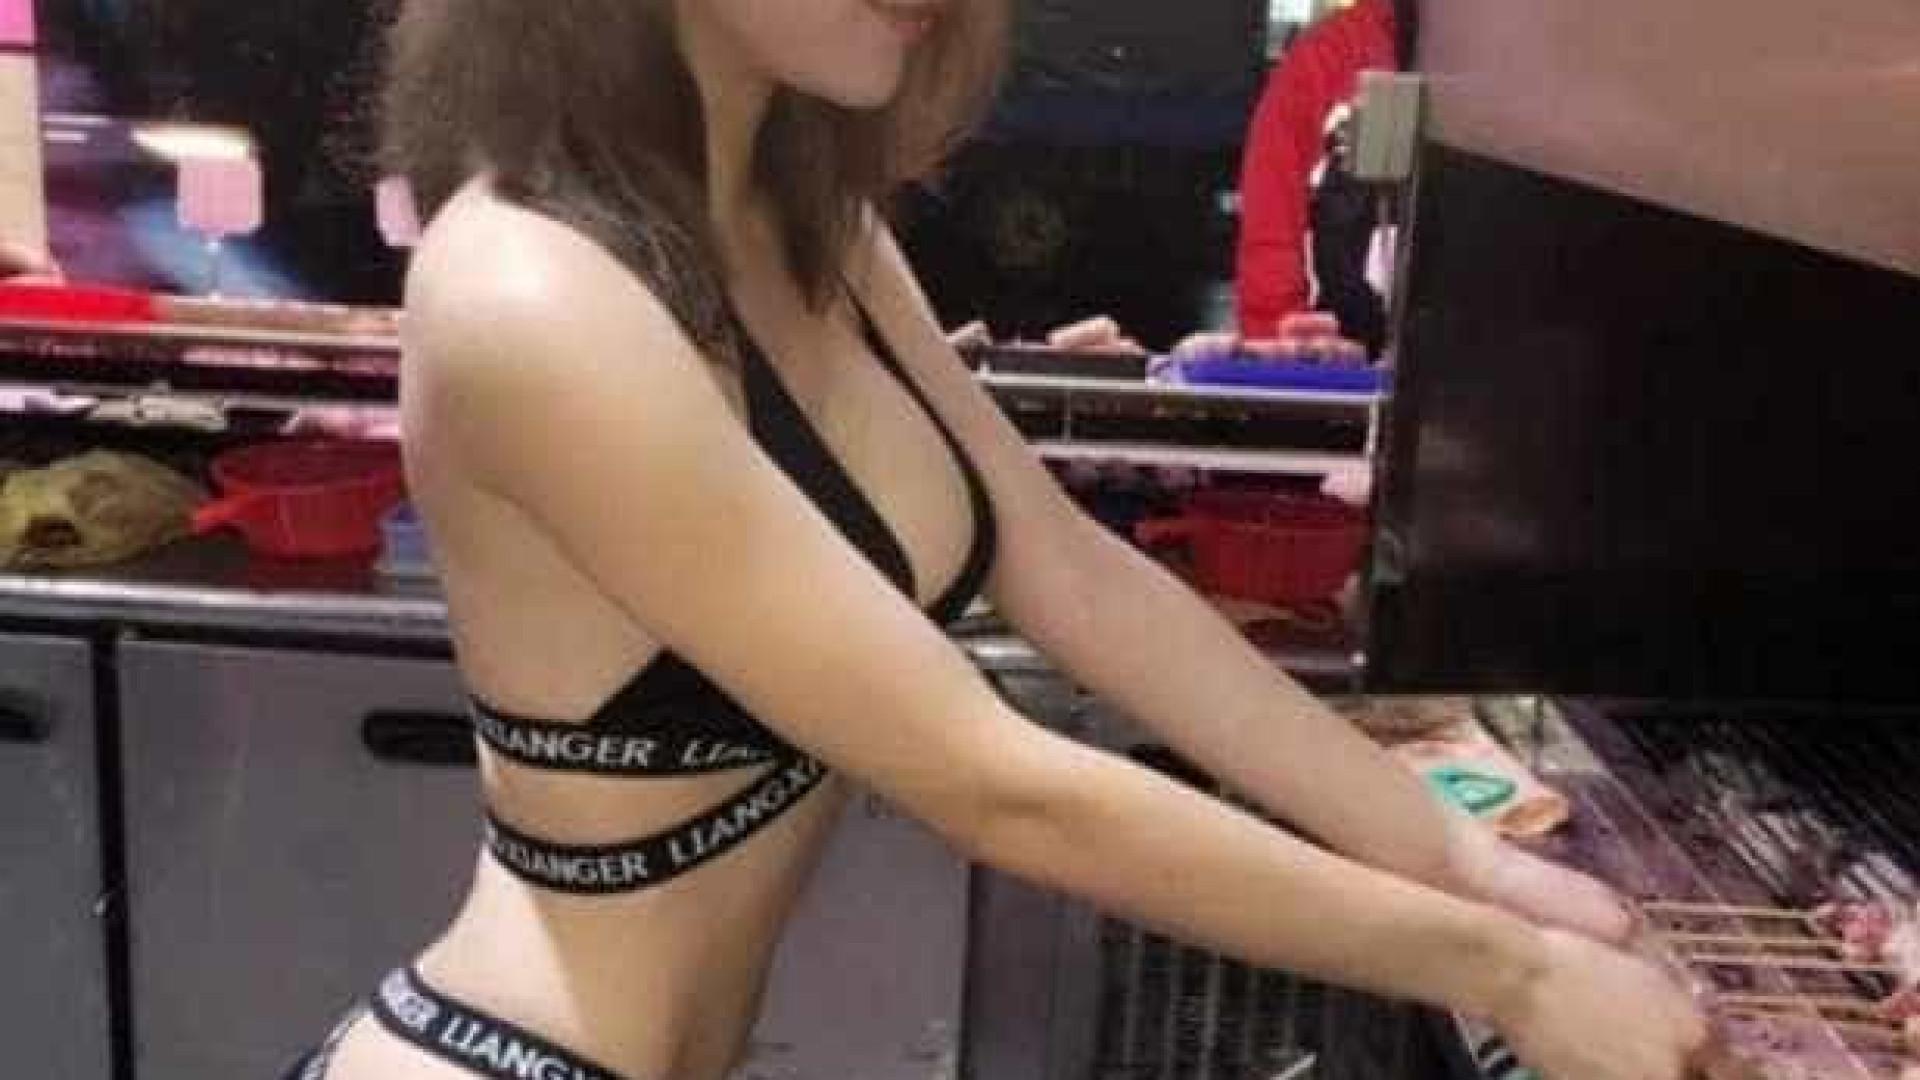 Mulher larga carreira de modelo para vender churrasquinho de biquíni